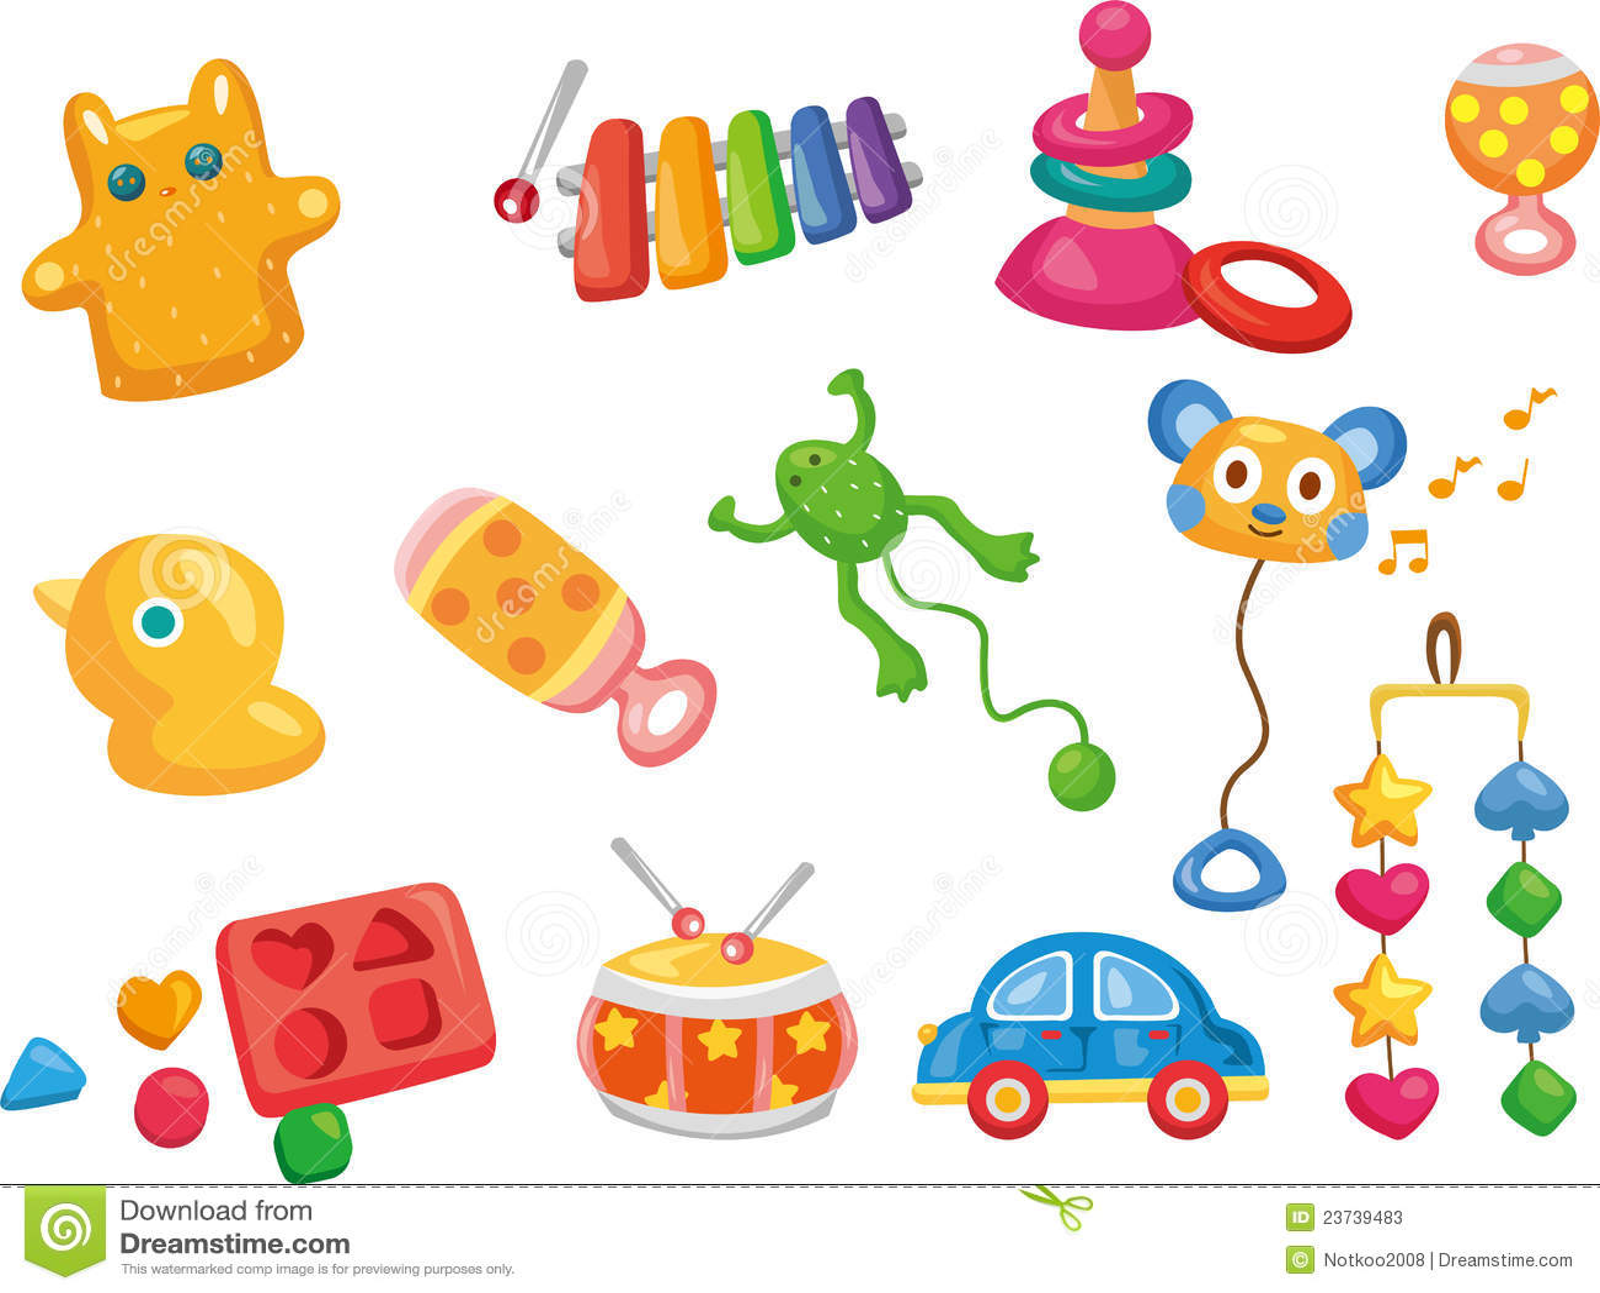 Iconos del juguete del vector juguetes del beb for Juguetes para jardin infantil